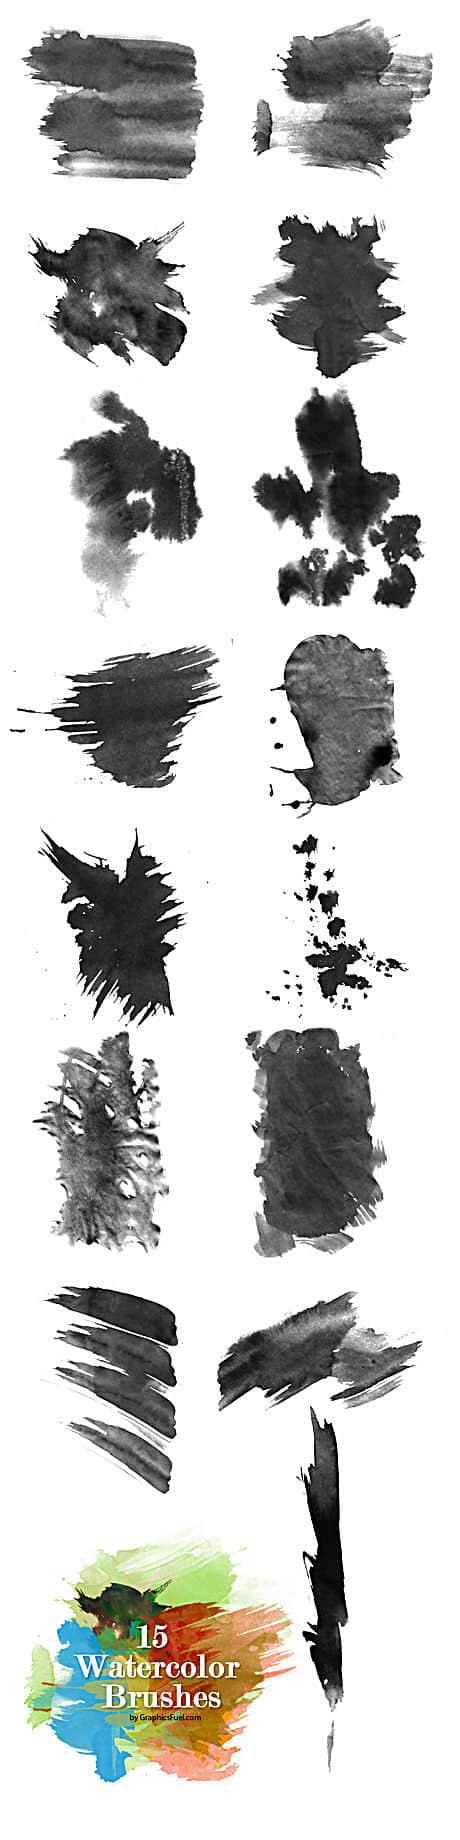 高清水墨、油漆痕迹刷子印迹PS笔刷素材下载